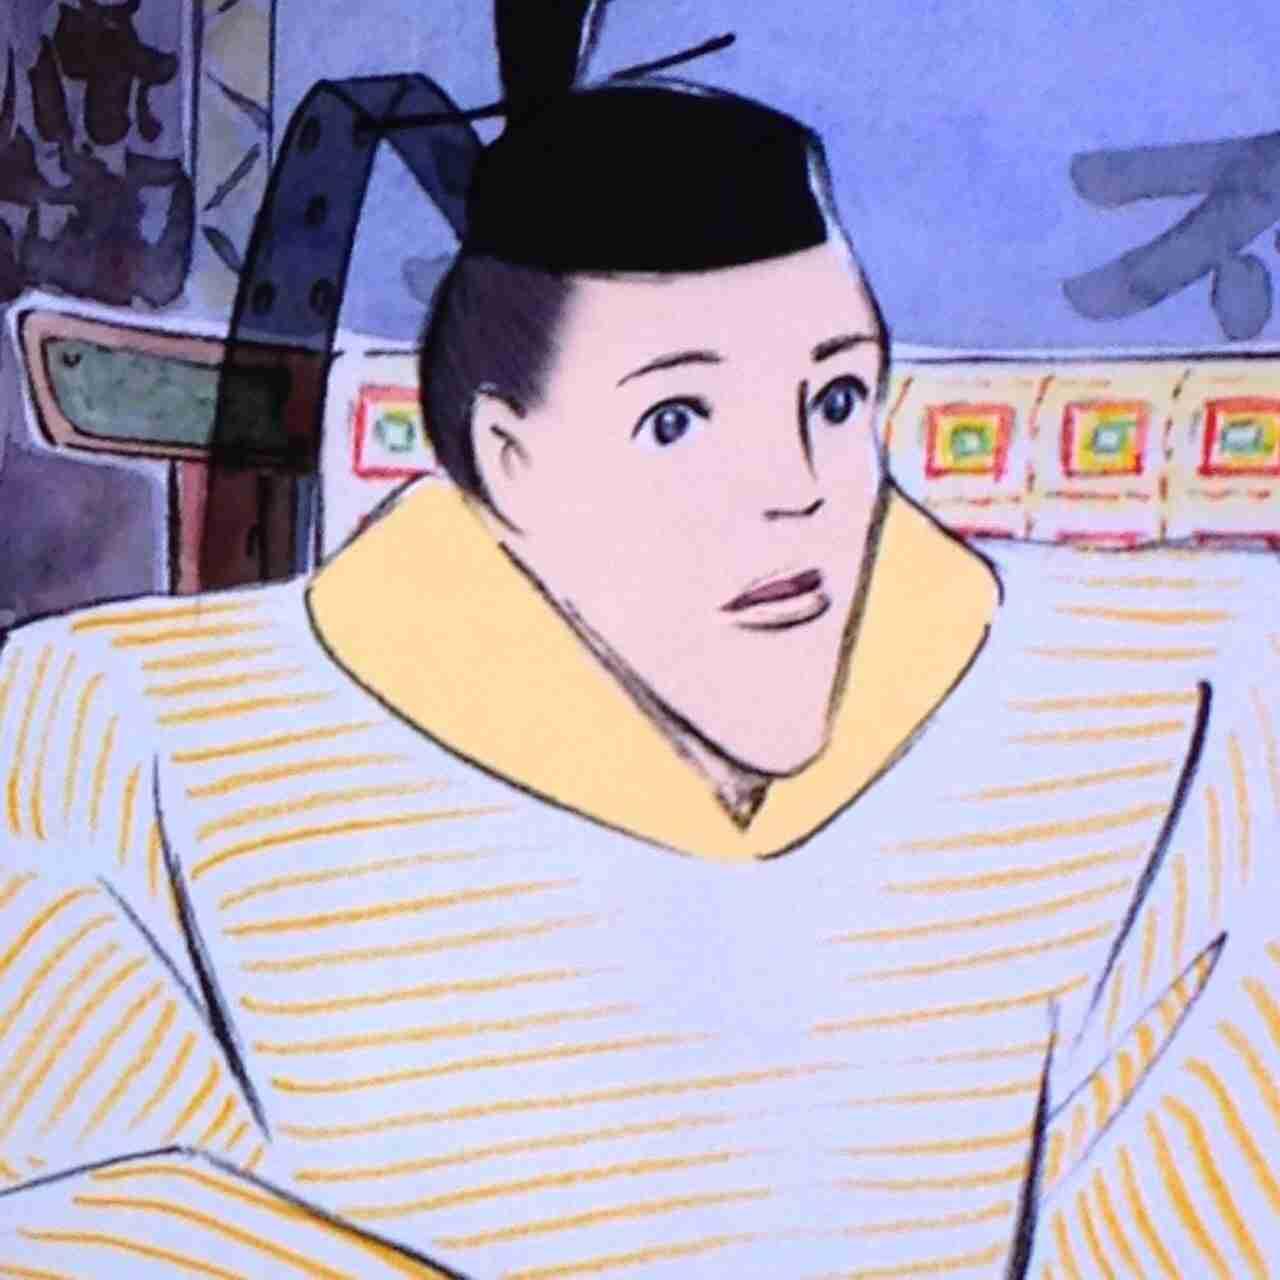 【マニア向け】【ネタバレあり】妙な映画の妙な部分をお勧めし合うトピ